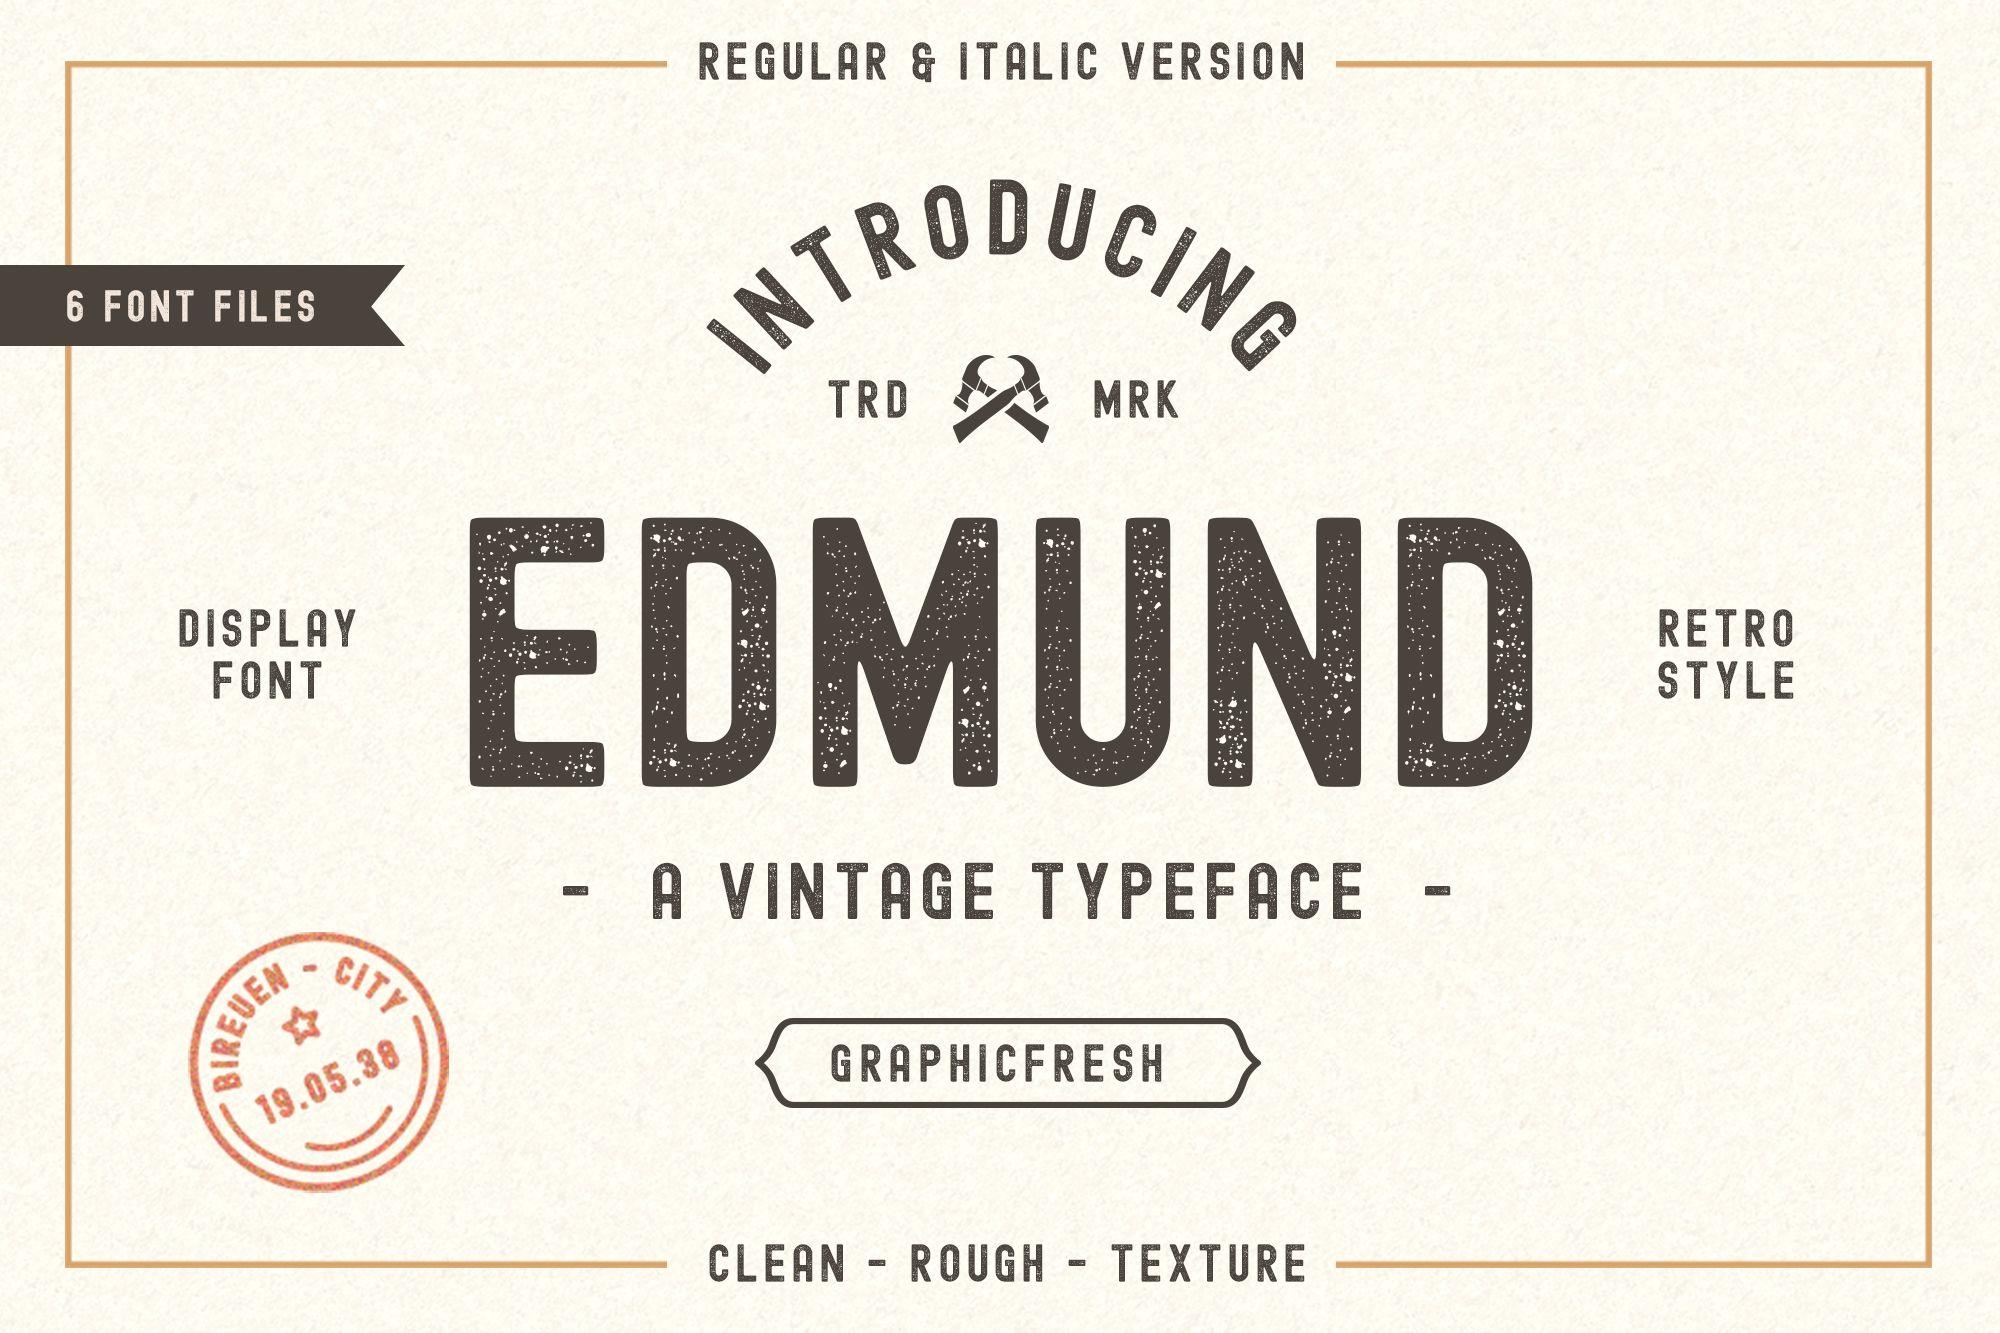 Edmund Vintage Font Free Pixelify Best Free Fonts Mockups Templates And Vectors Vintage Fonts Vintage Fonts Free Retro Font